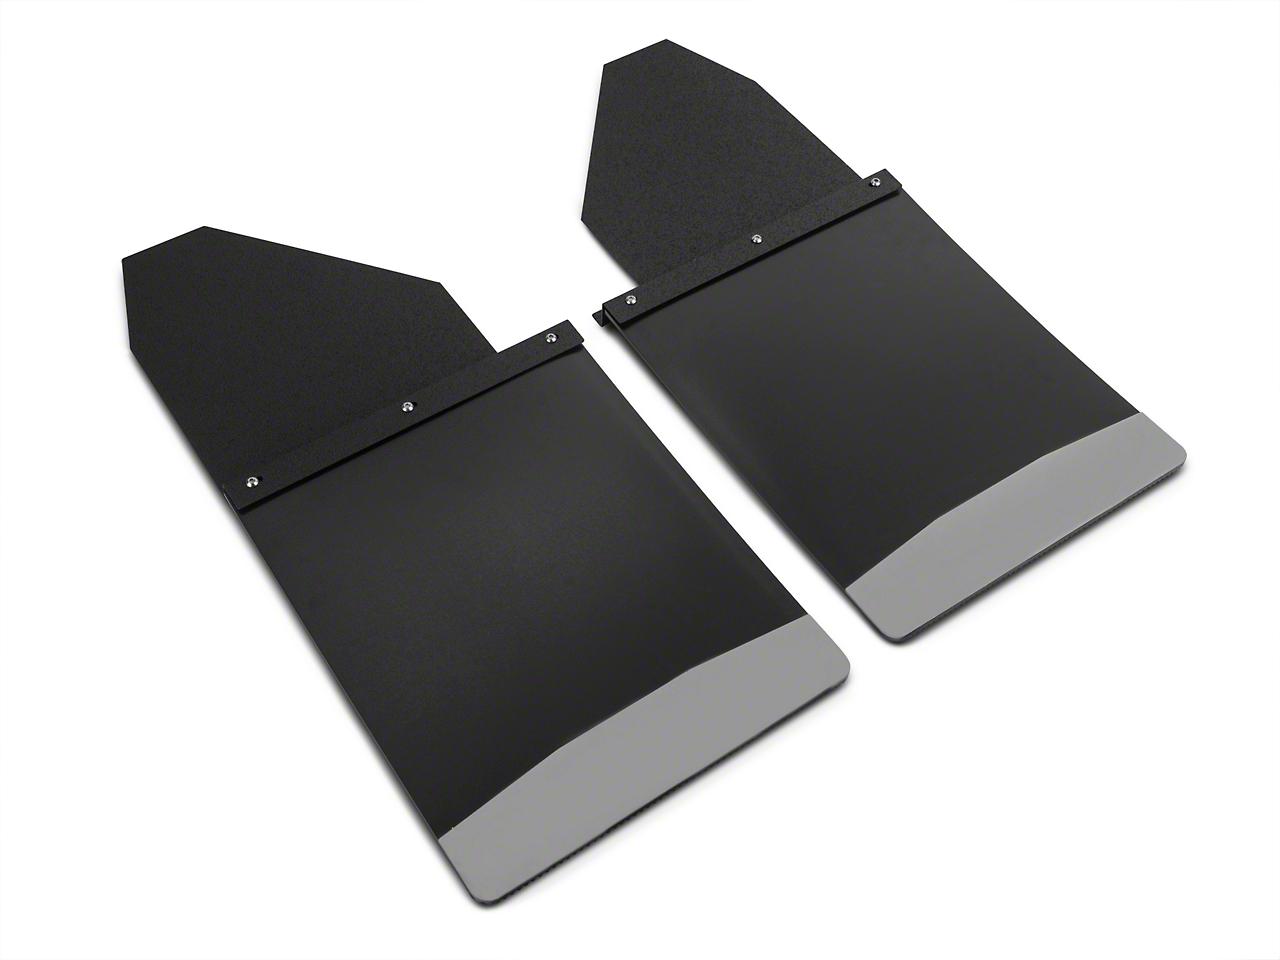 Husky 14 in. Wide KickBack Mud Flaps - Textured Black Top & Stainless Steel Weight (07-18 Sierra 1500)